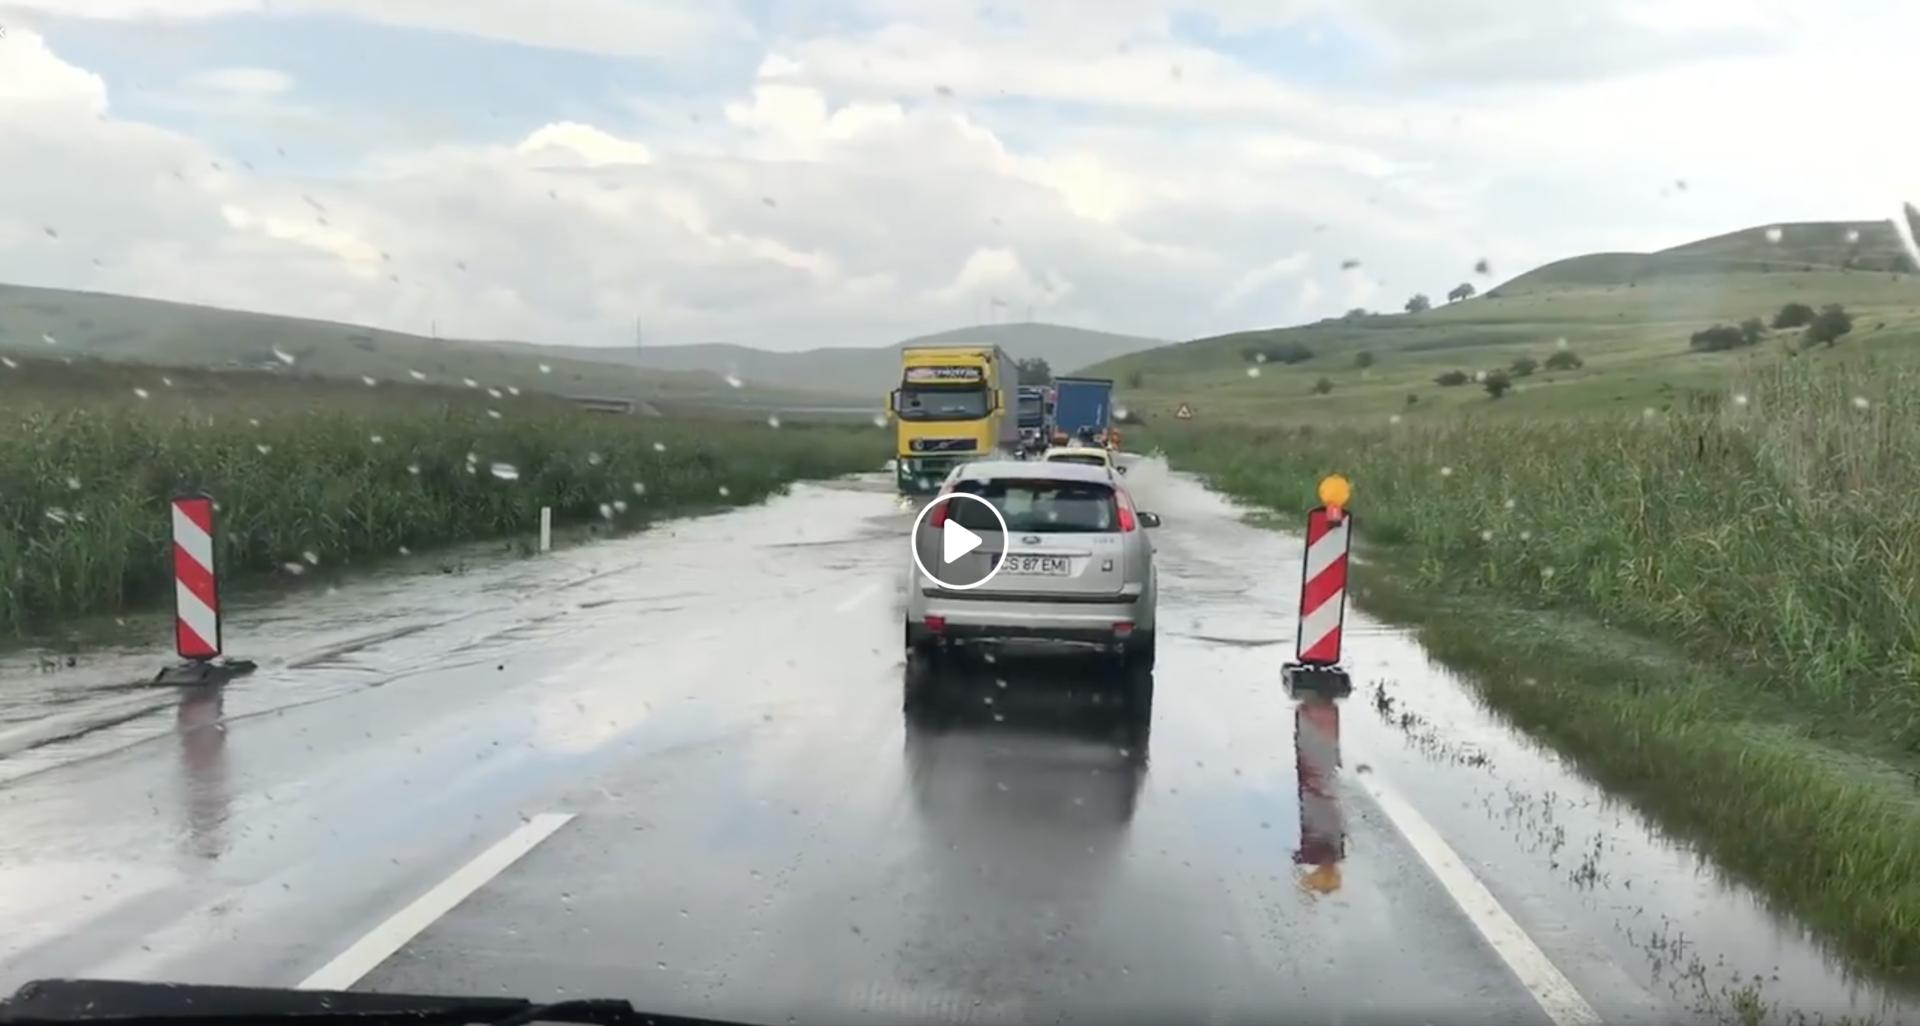 România nu are nevoie de autostrăzi. La ce să folosească